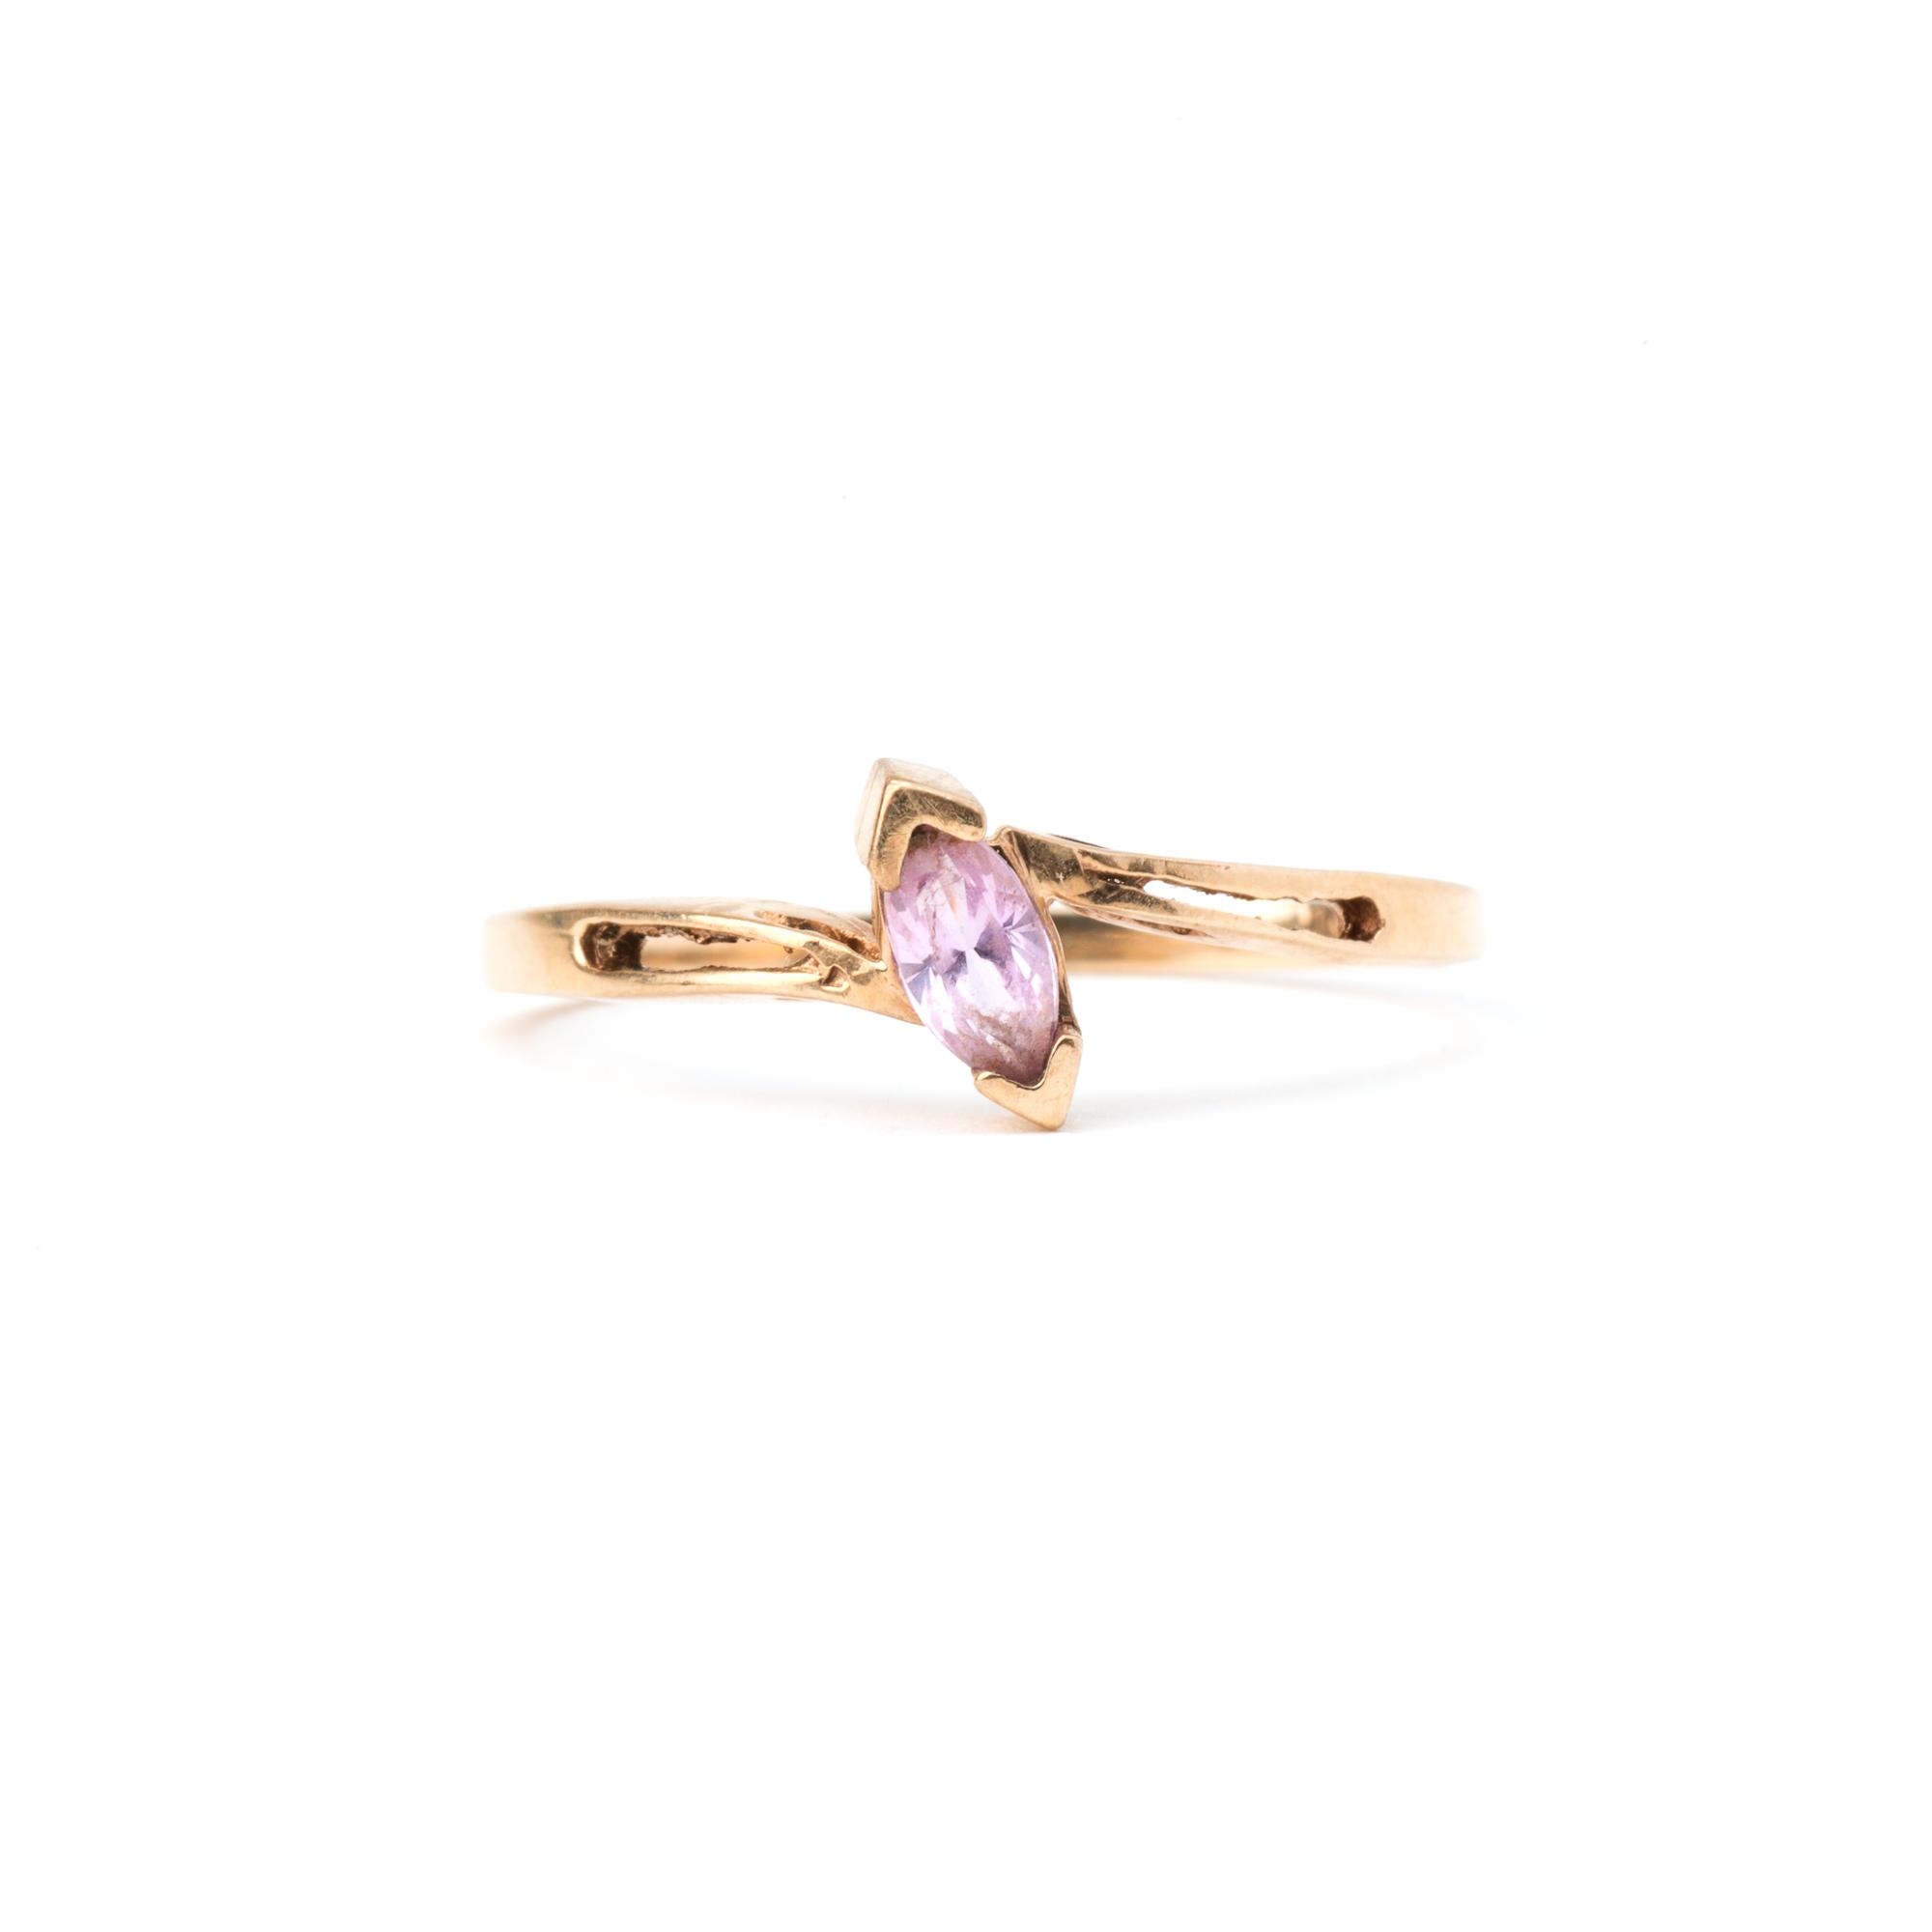 Jessica Jewelry Test Shot-3.jpg